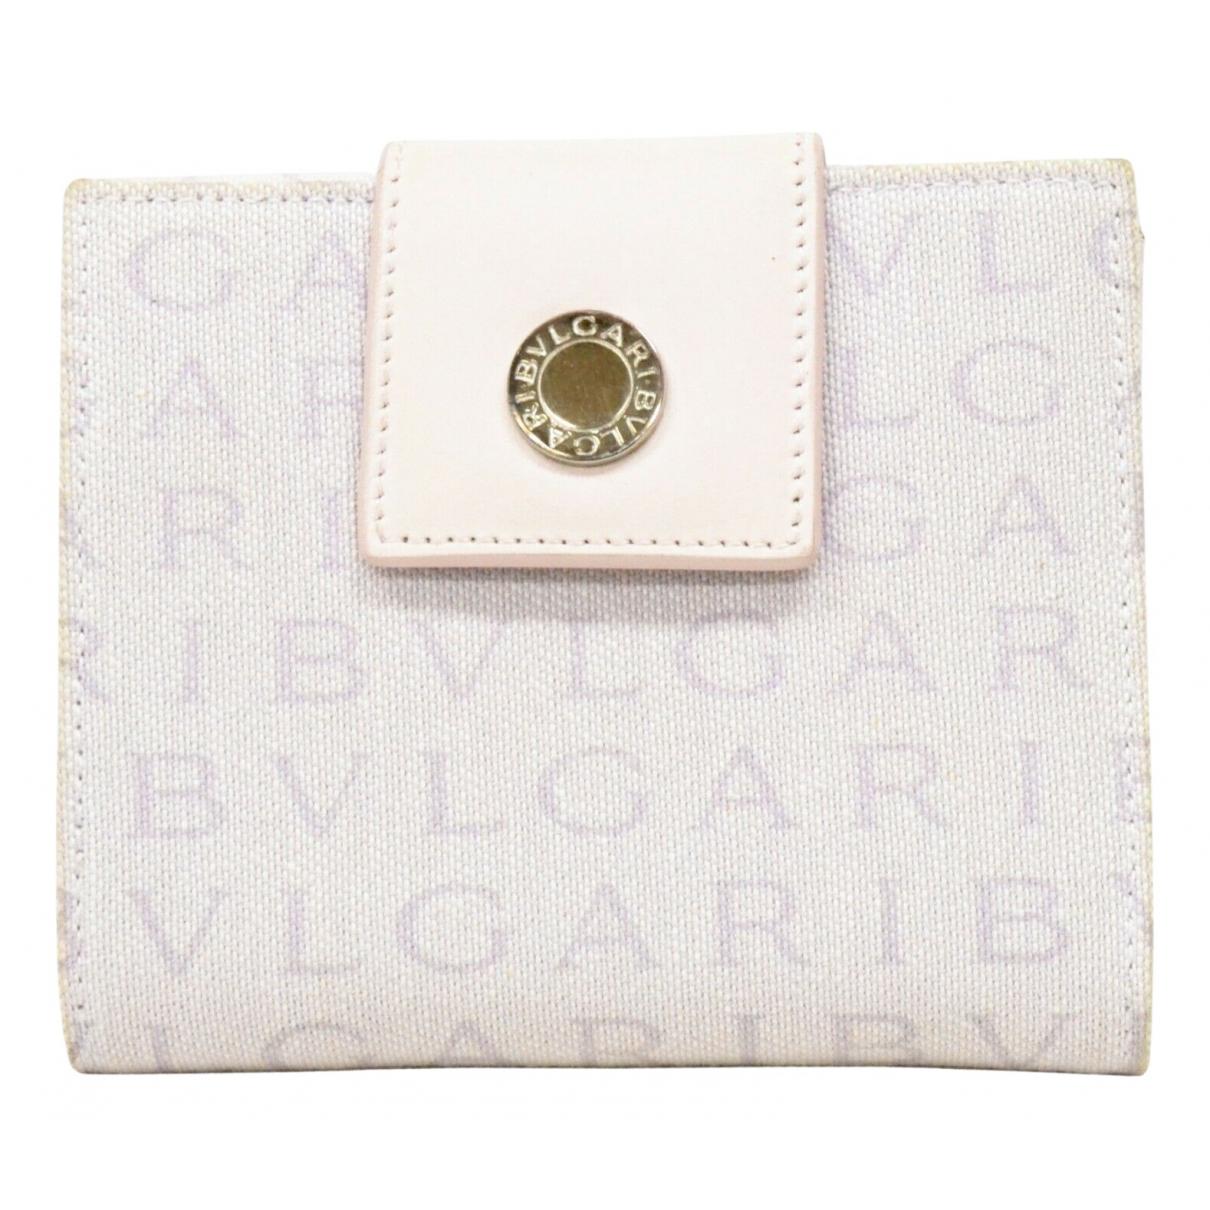 Bvlgari - Portefeuille   pour femme en toile - blanc